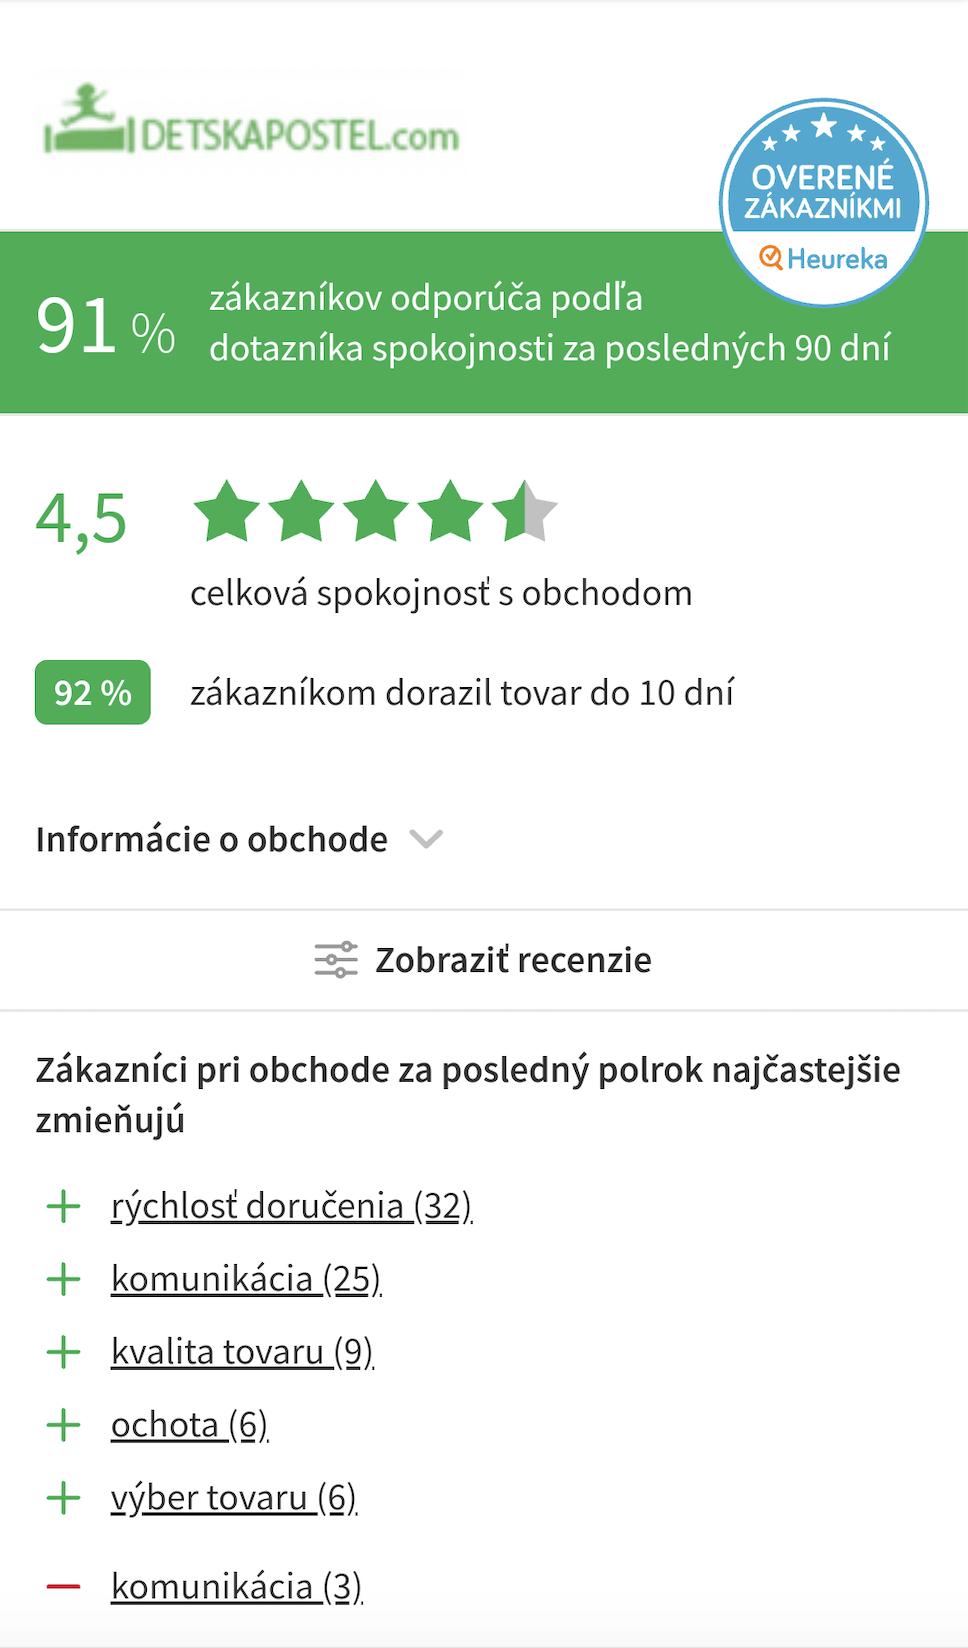 recenzie detskapostel.com - mobilná verzia